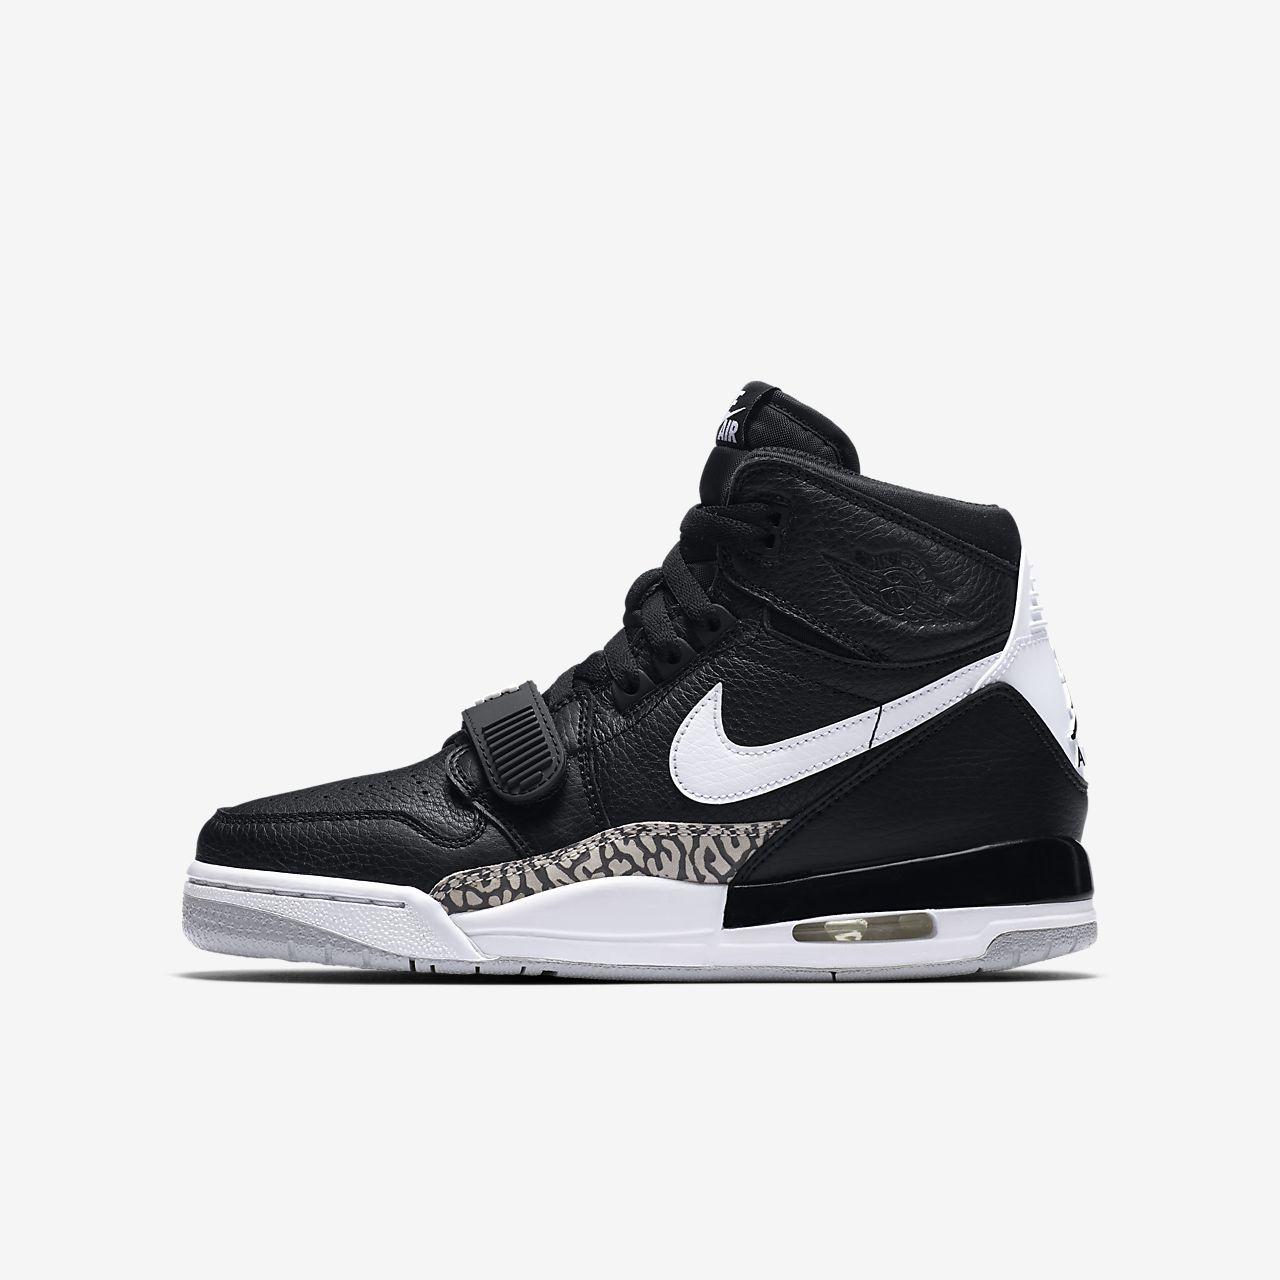 hot sale online f25c5 e4d4e ... Chaussure Air Jordan Legacy 312 pour Enfant plus âgé